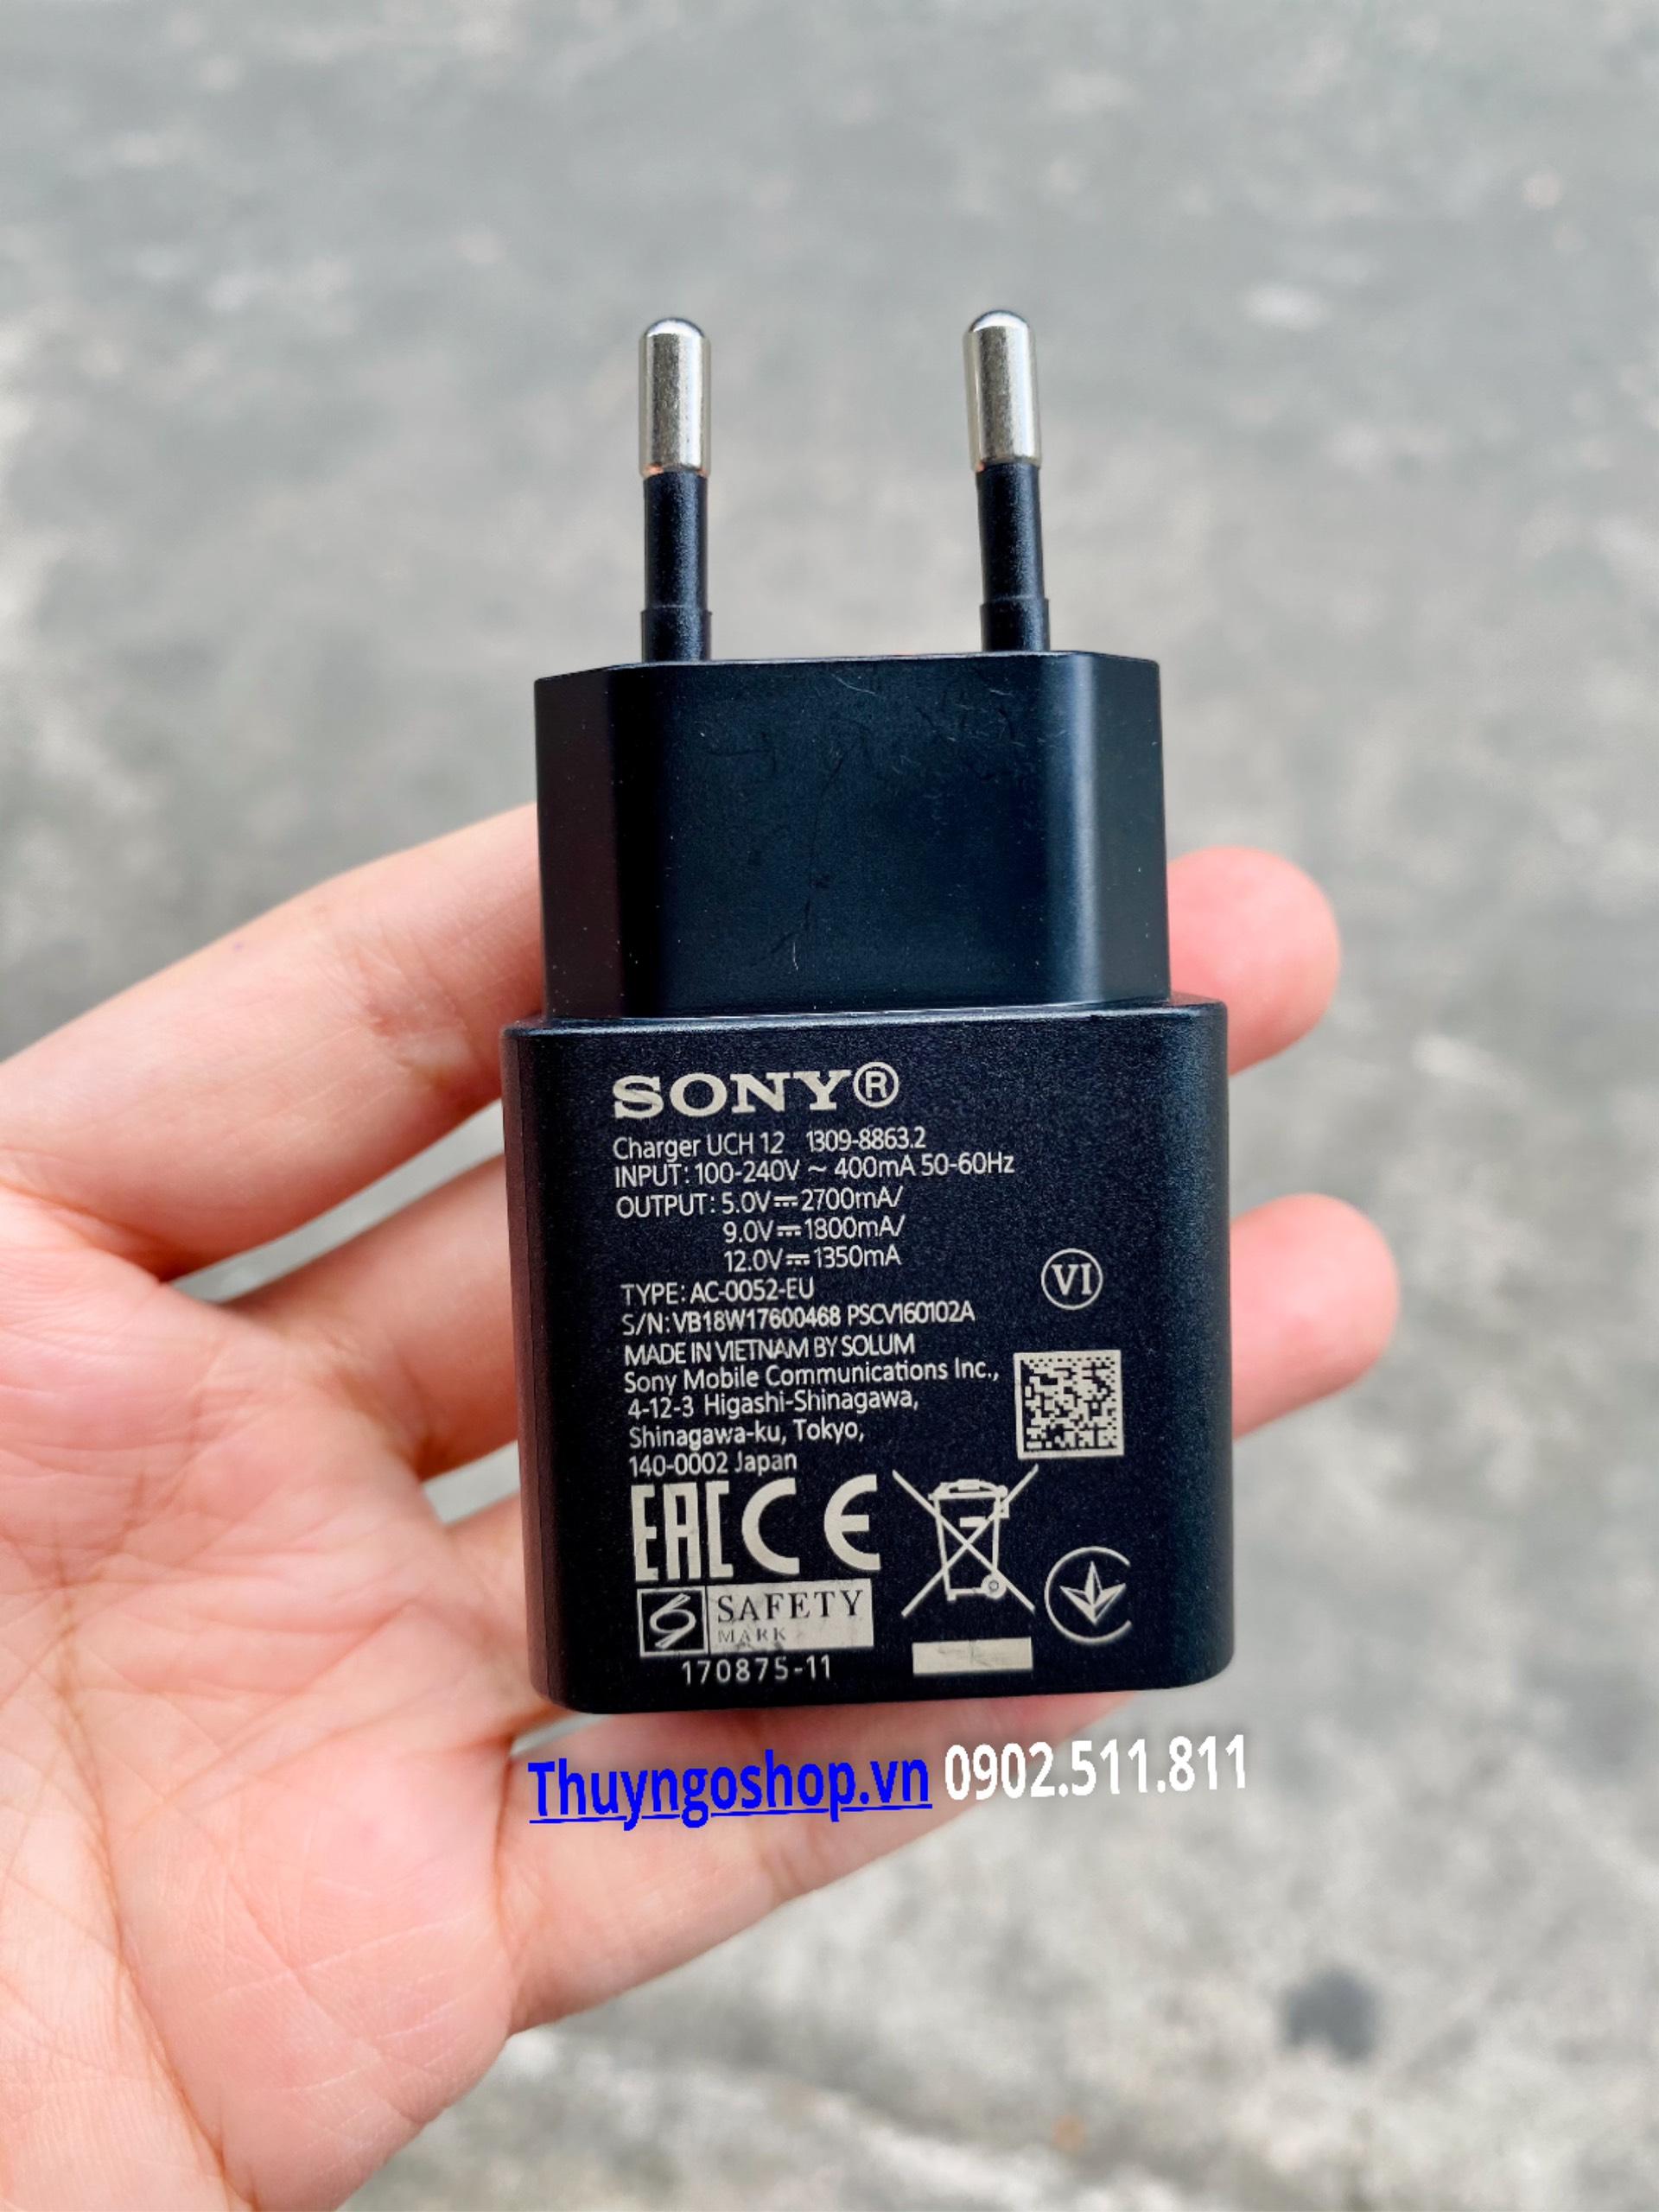 Củ sạc UCH12 chính hãng Sony QC 3.0